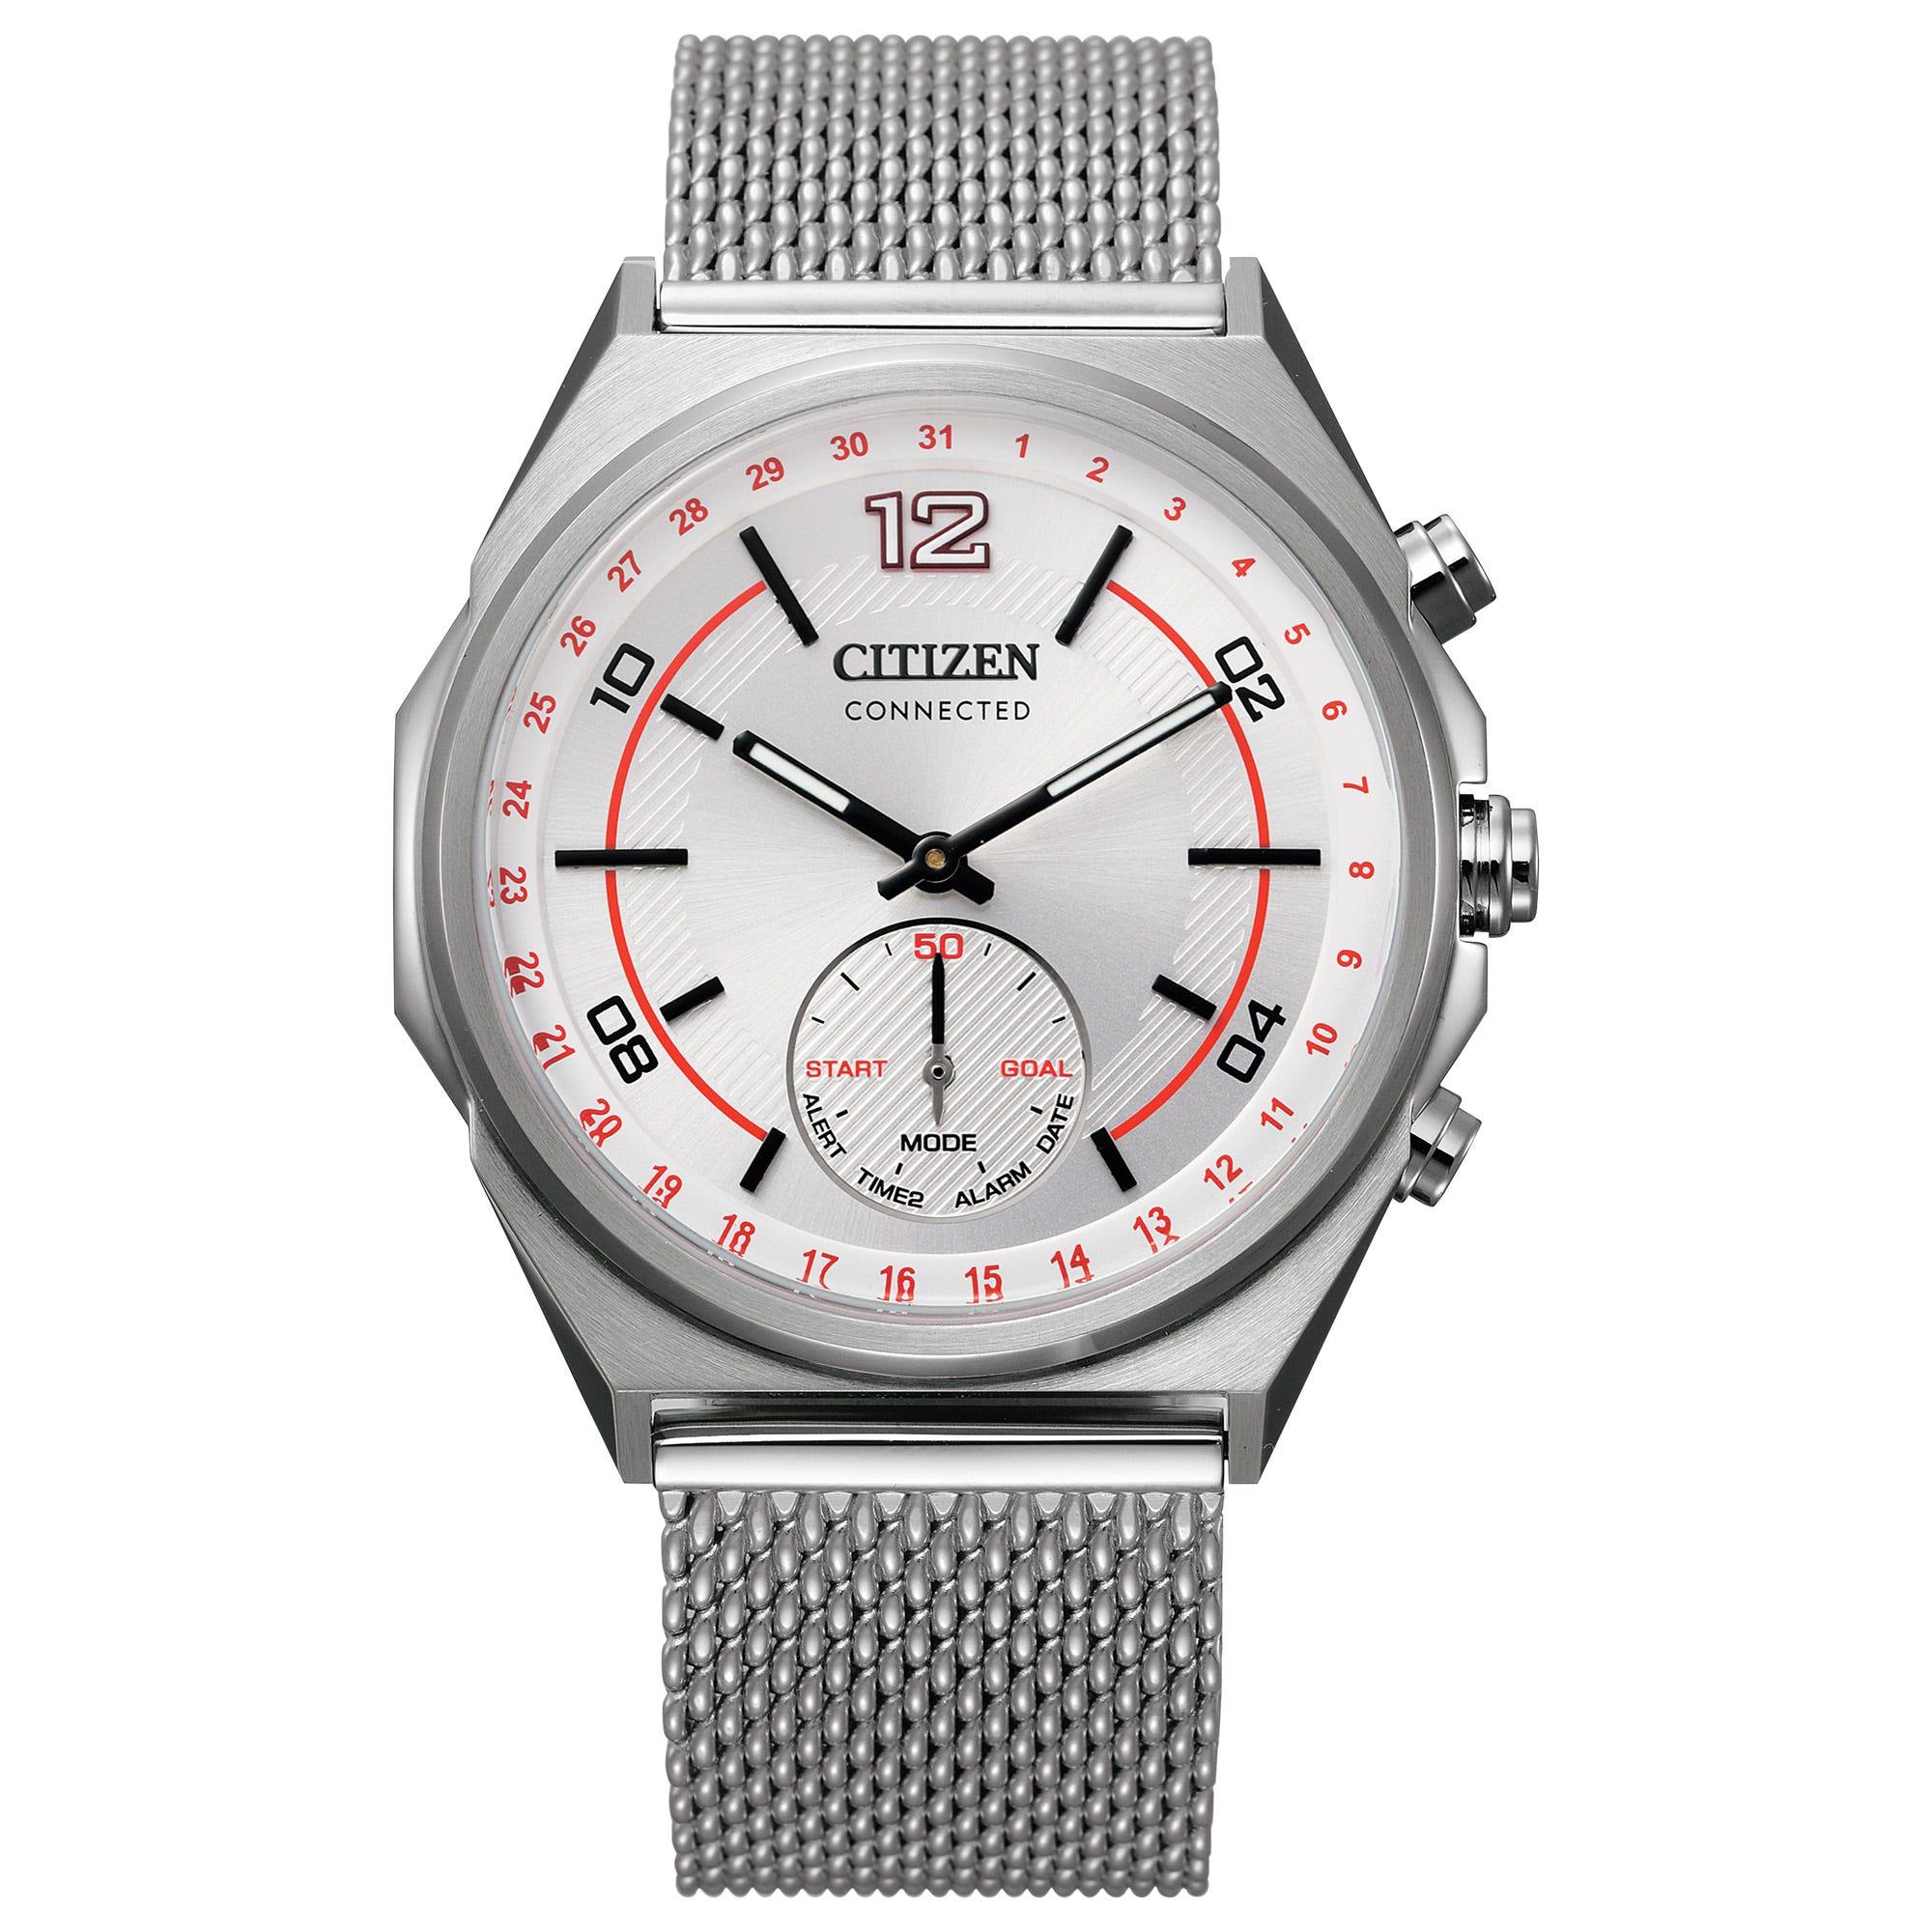 Citizen Men's Connected Watch CX0000-71A